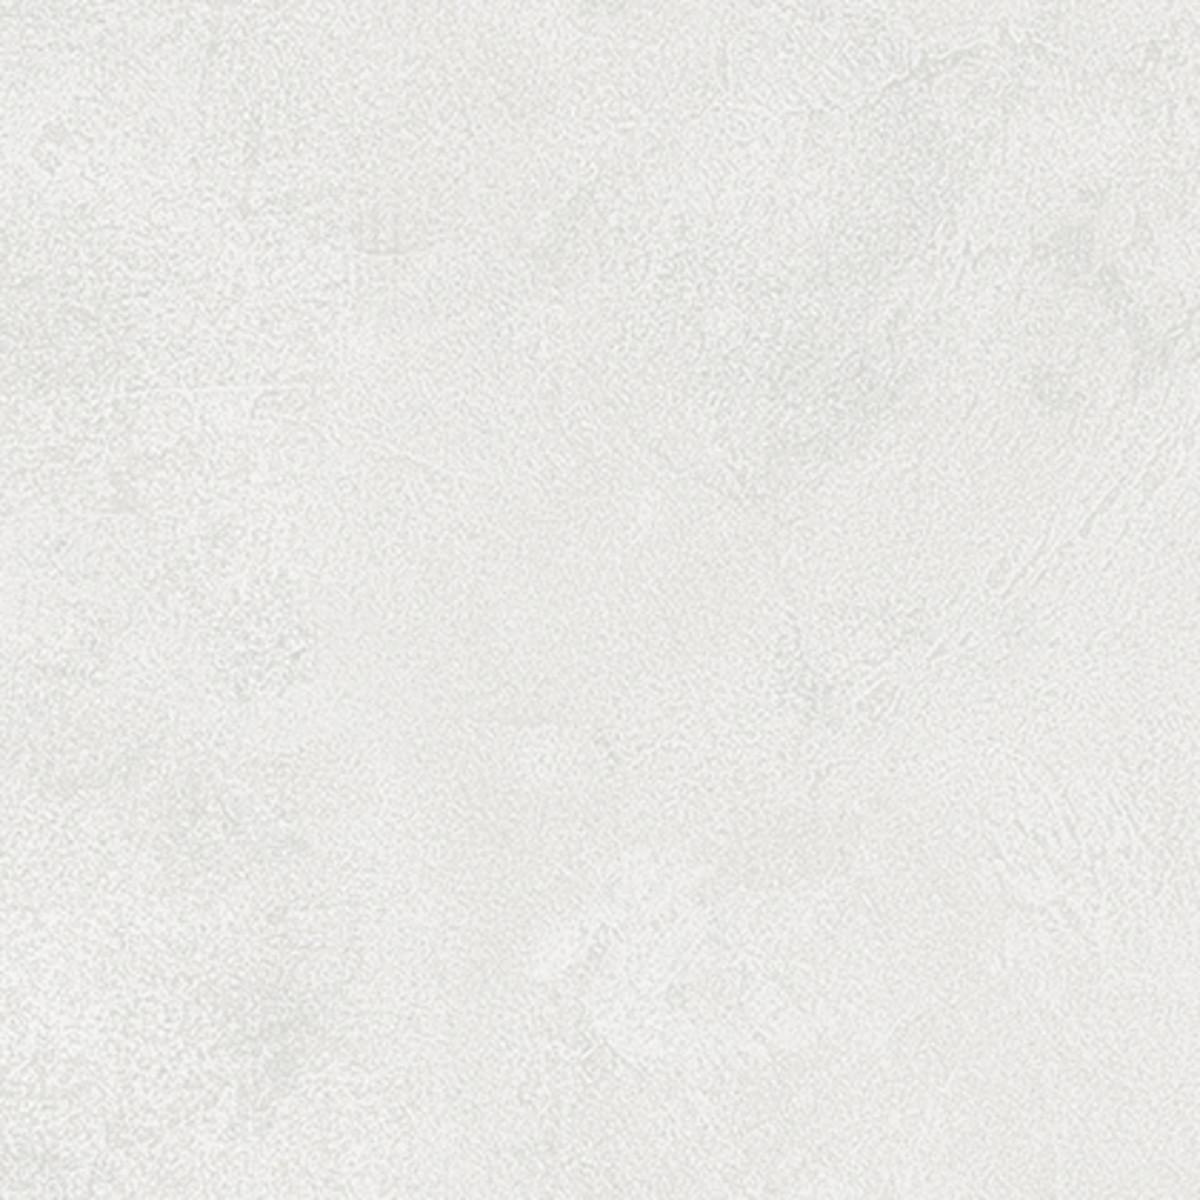 Обои виниловые Gaenari серые 1.06 м 81115-2